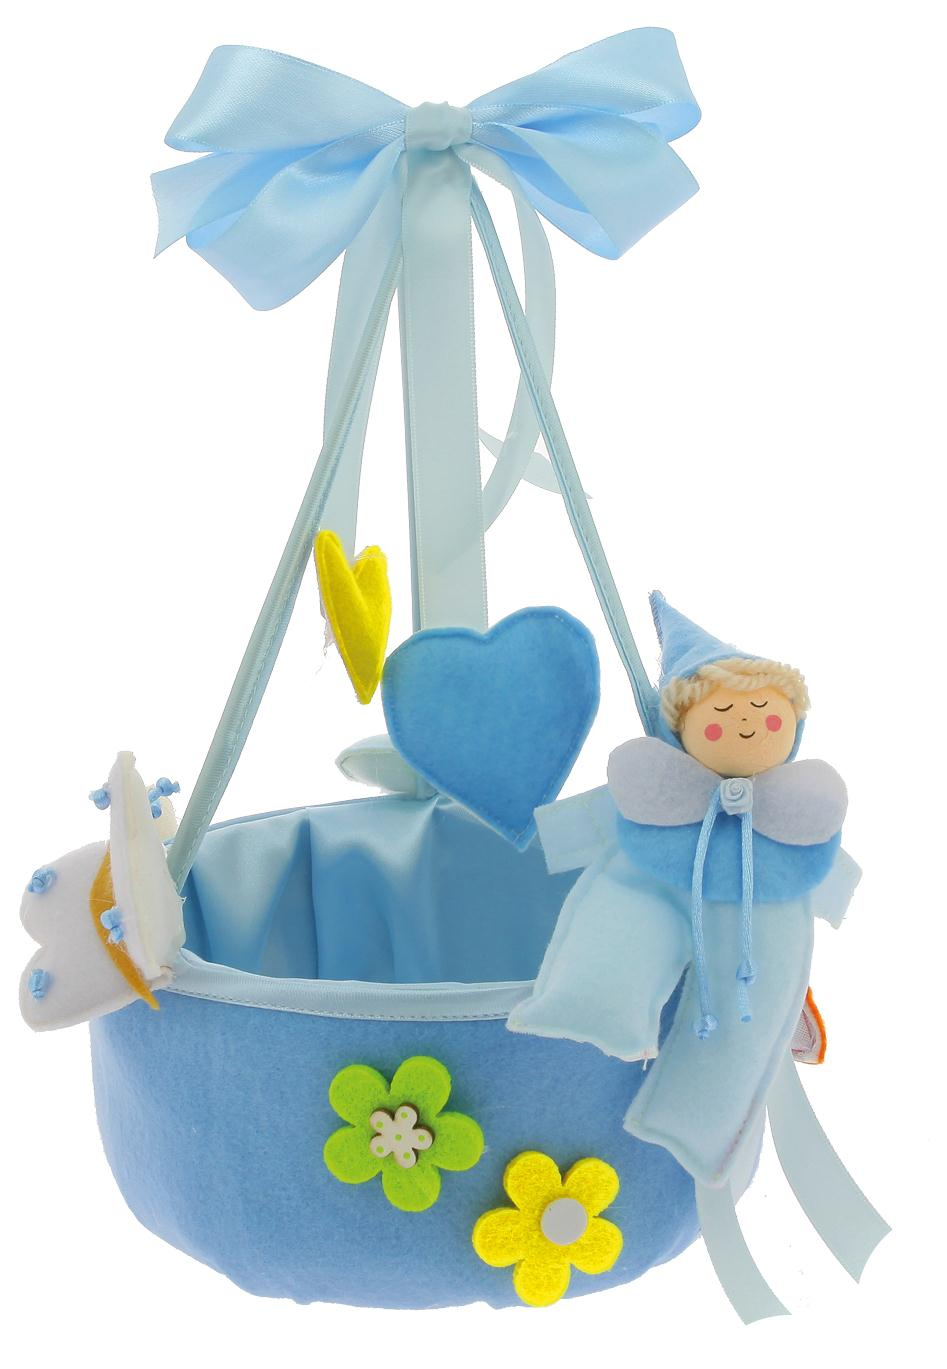 Estremamente Cesto Porta Confetti Pagliaccio Nascita Battesimo, Confettata | eBay QQ74